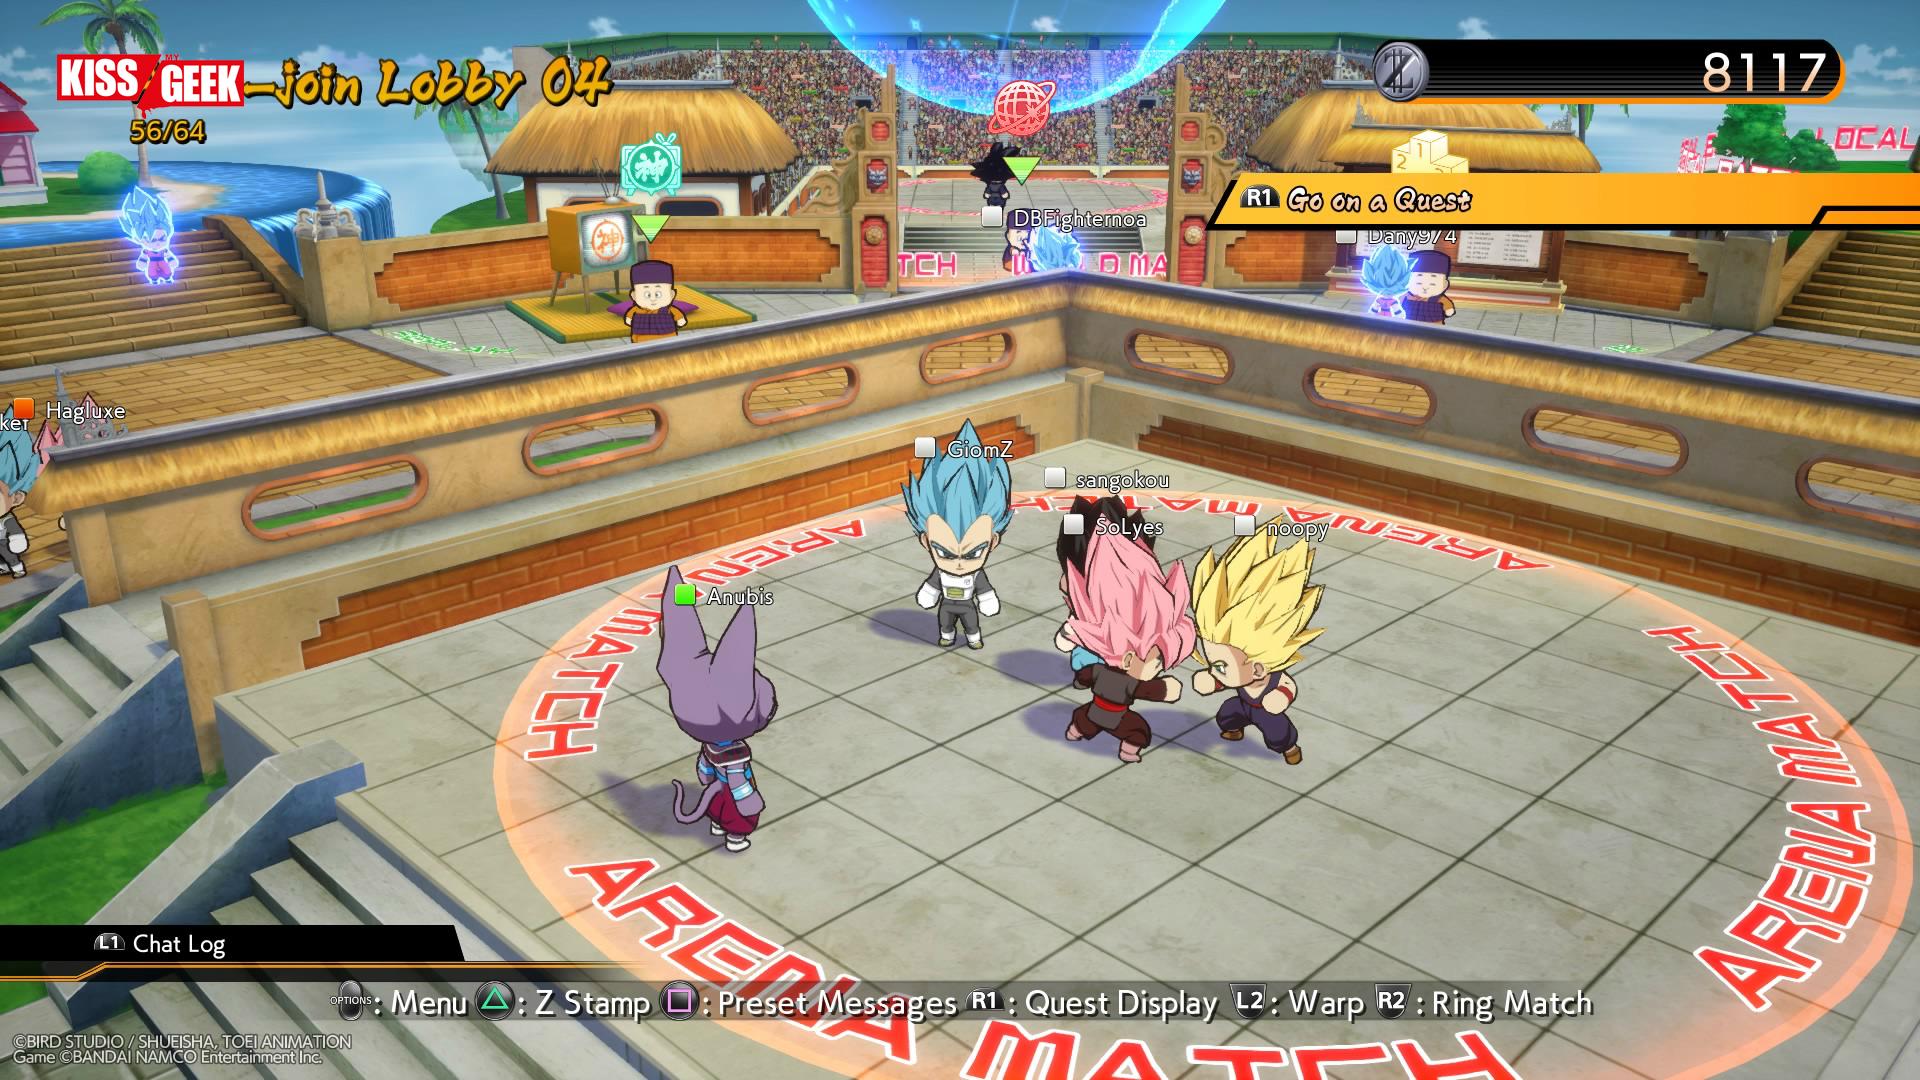 """Vous croiserez les autres combattants en mode """"mooooh ils sont trop choupiiiiis !"""" dans le lobby (oui, j'ai choisi Vegeta SSJSS comme avatar chibi)"""